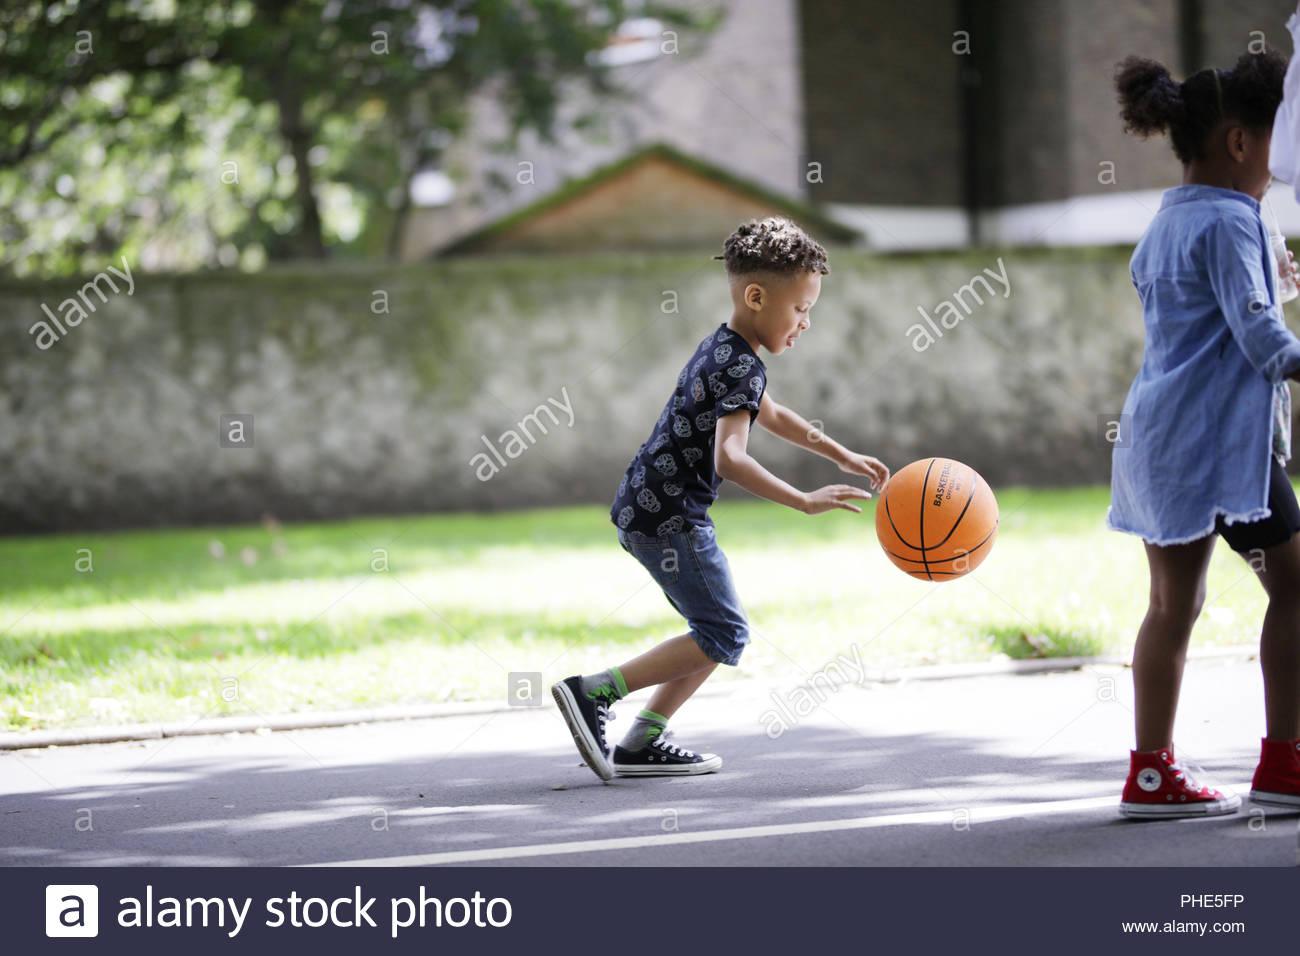 Boy a jugar baloncesto en el parque Imagen De Stock